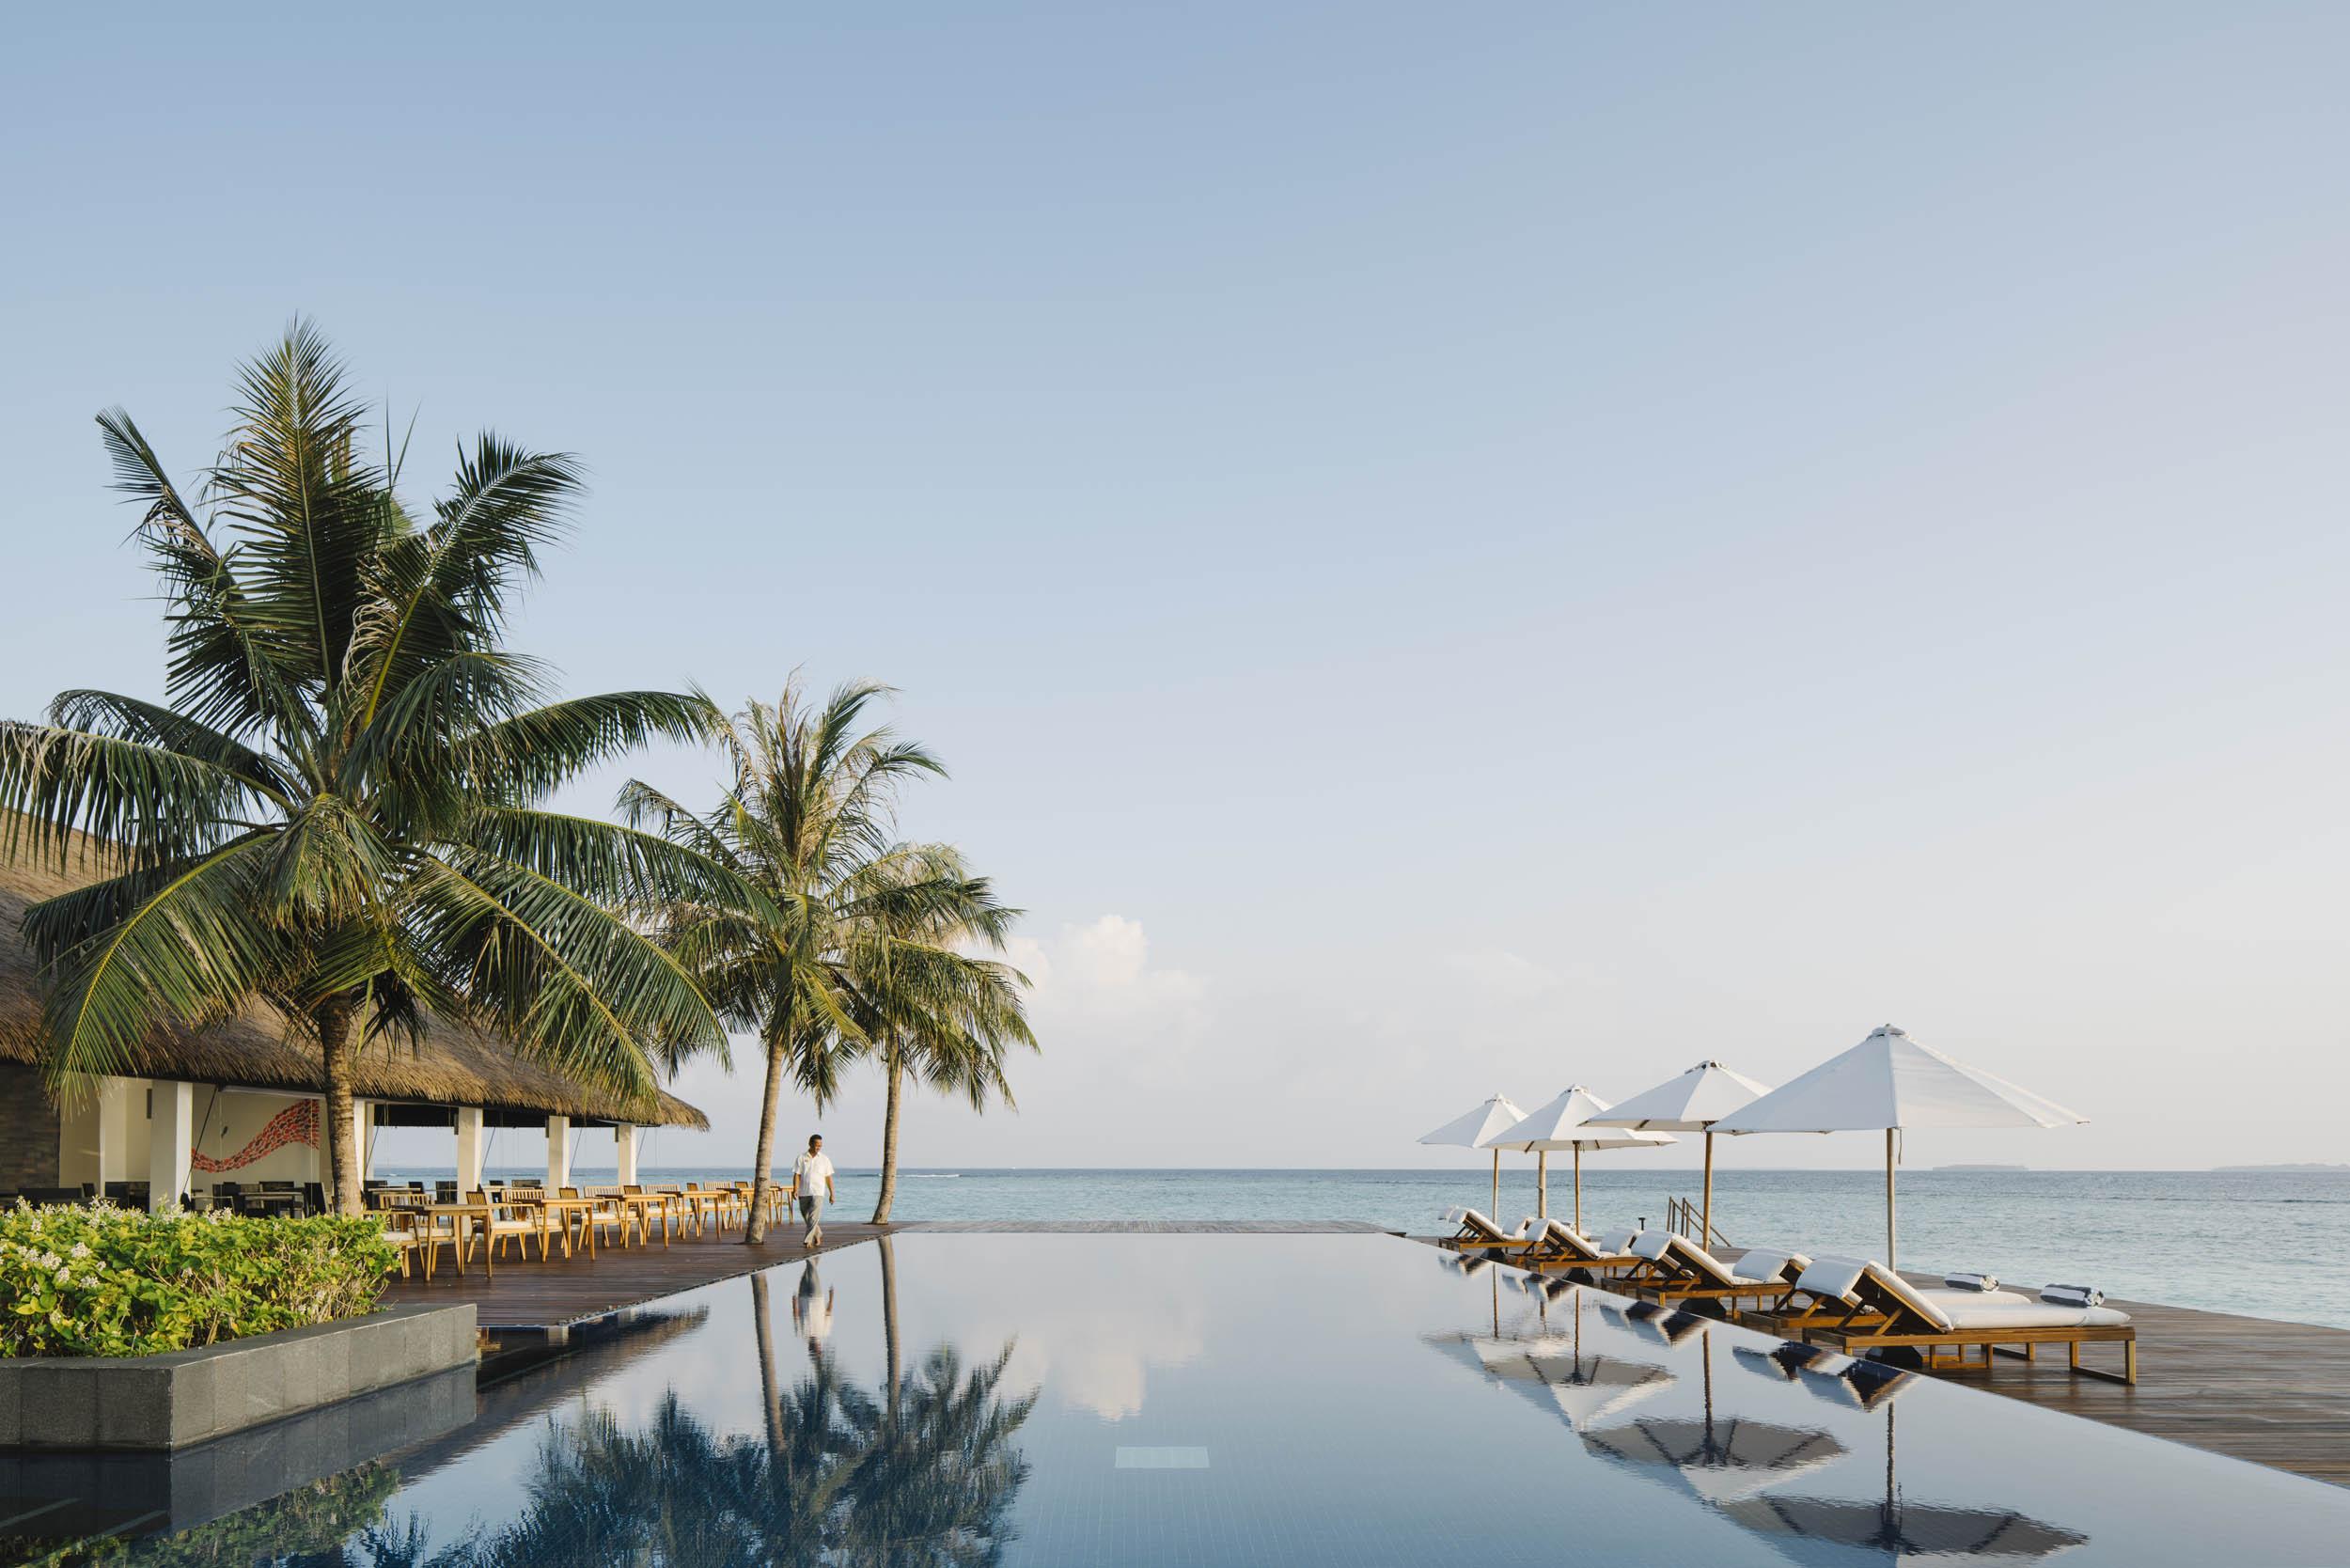 Client  Noku Hotel  Project  Noku Maldives  Location  Kudafunafaru, Maldives  Year  2018